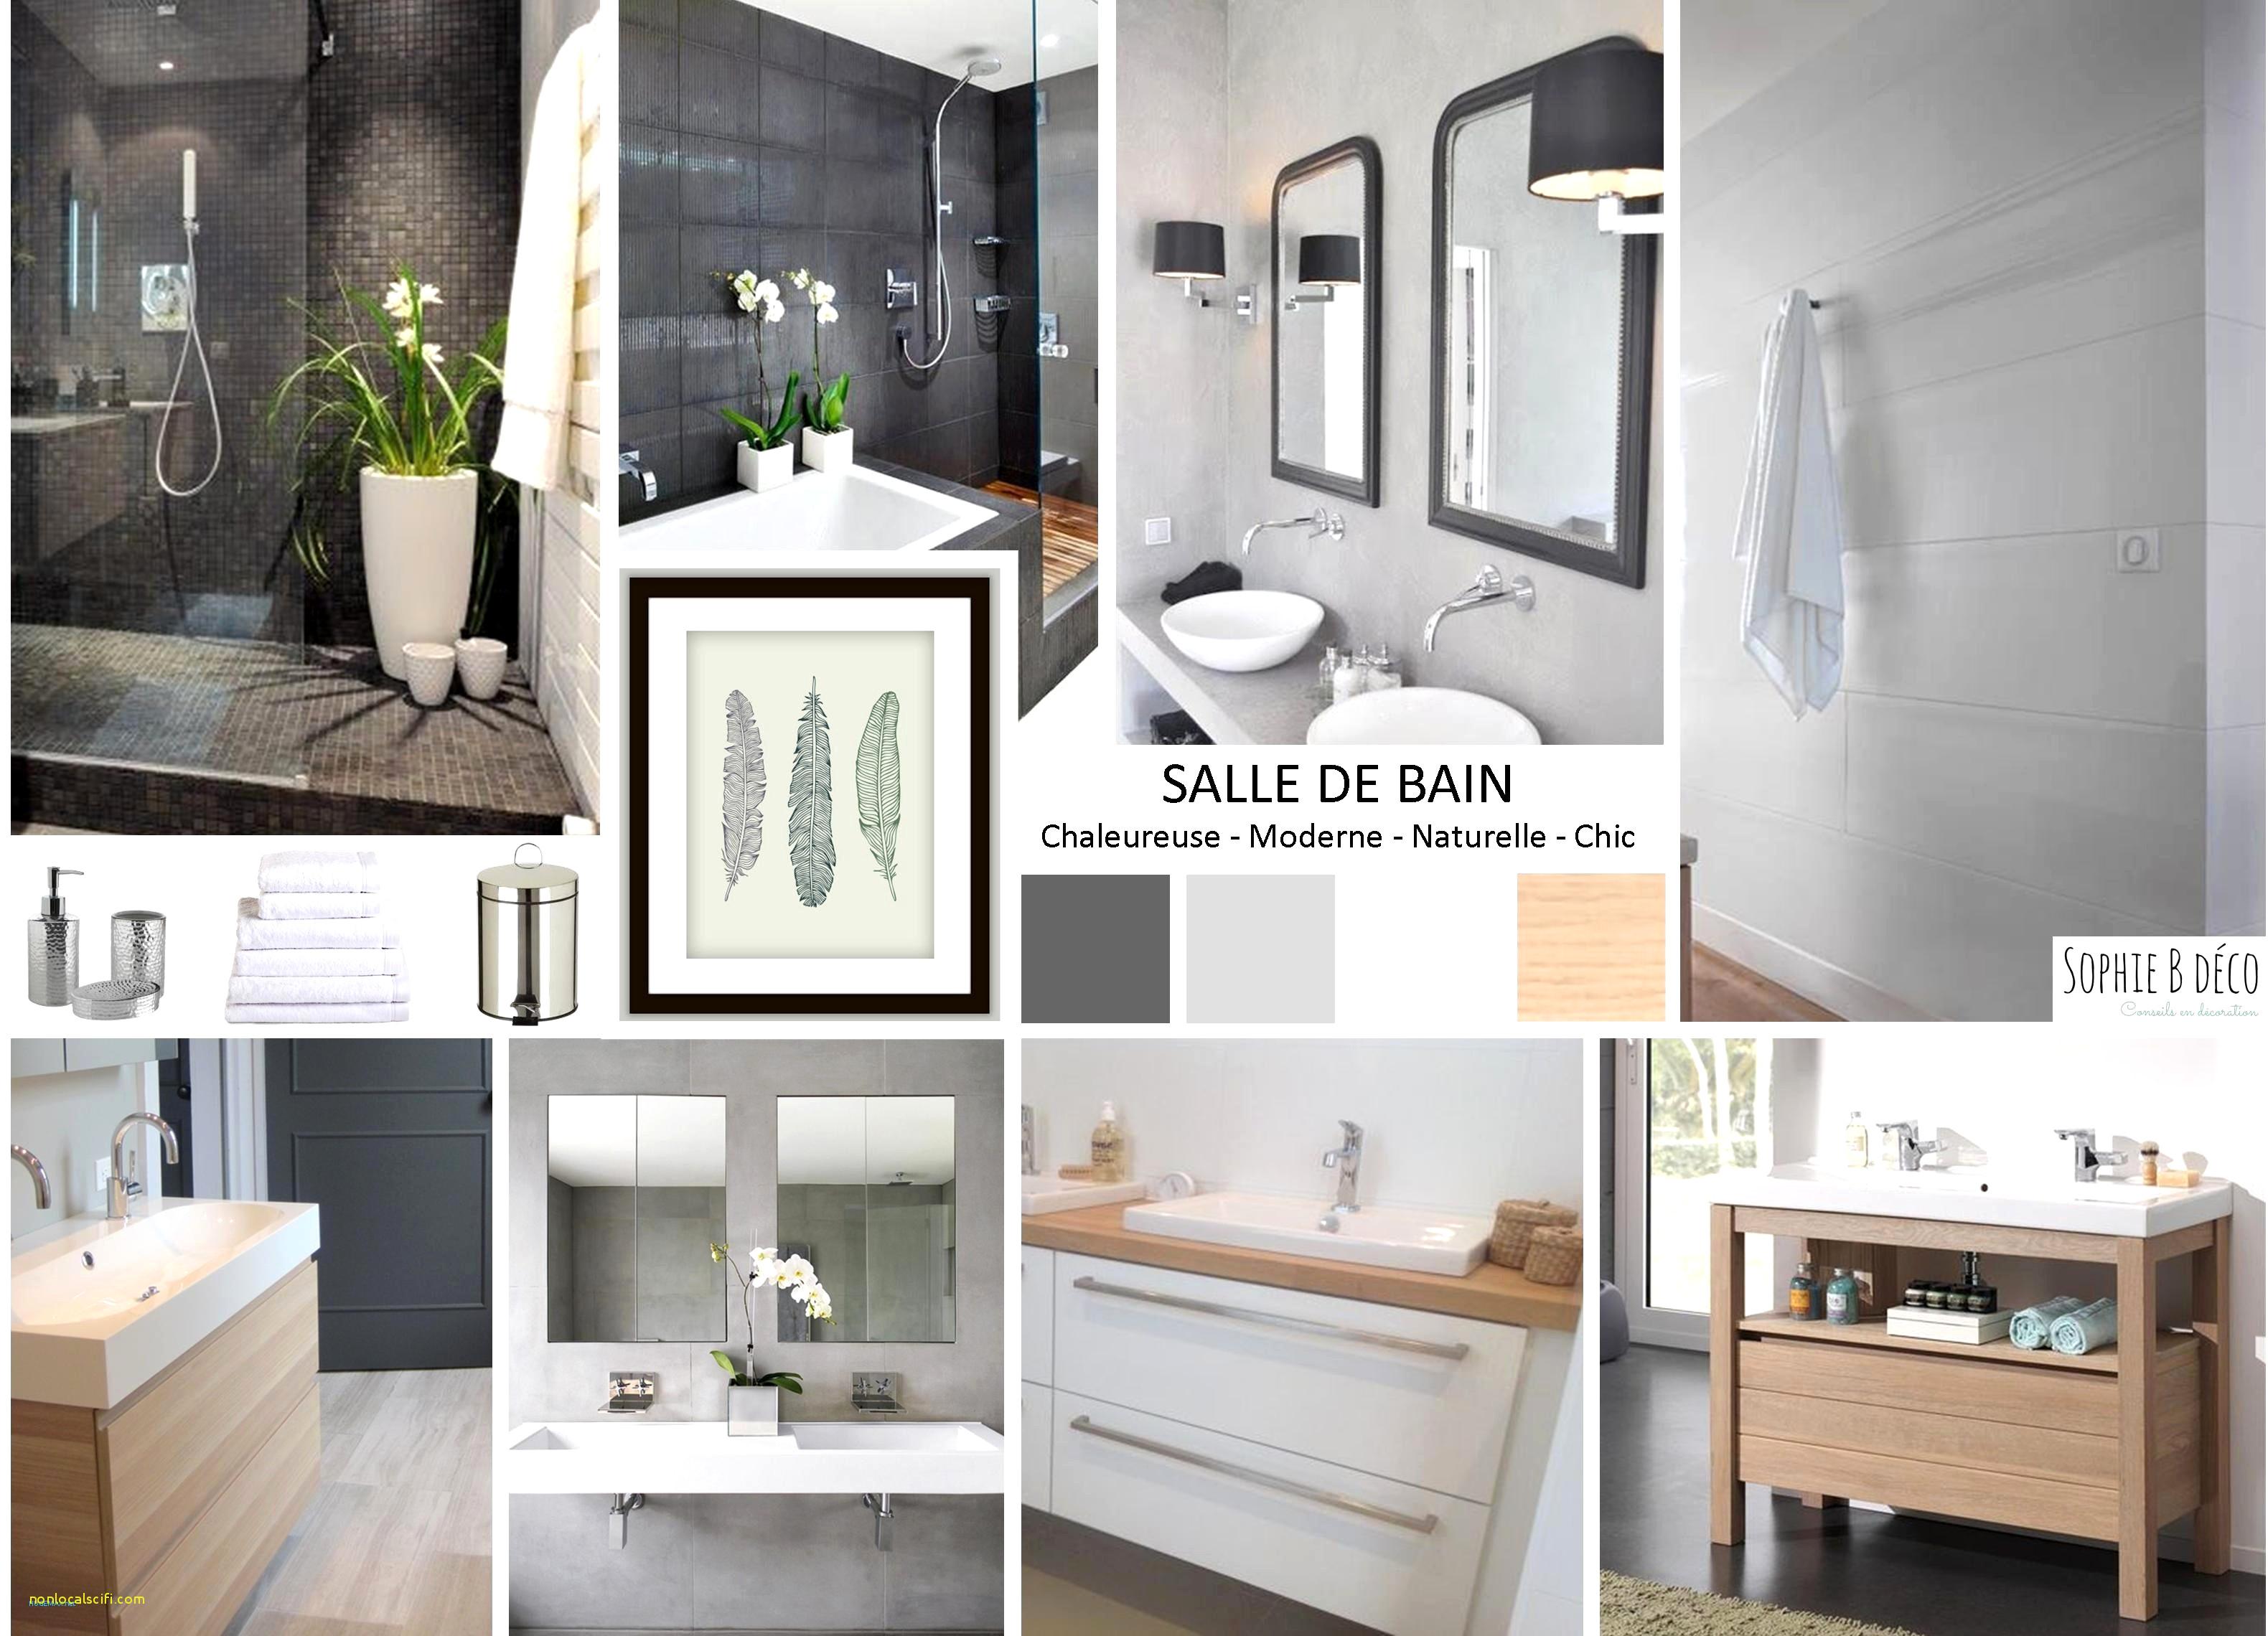 Meuble Salle De Bains Ikea Élégant Image Résultat Supérieur 100 Inspirant Meuble Salle De Bain Blanc Pic 2018